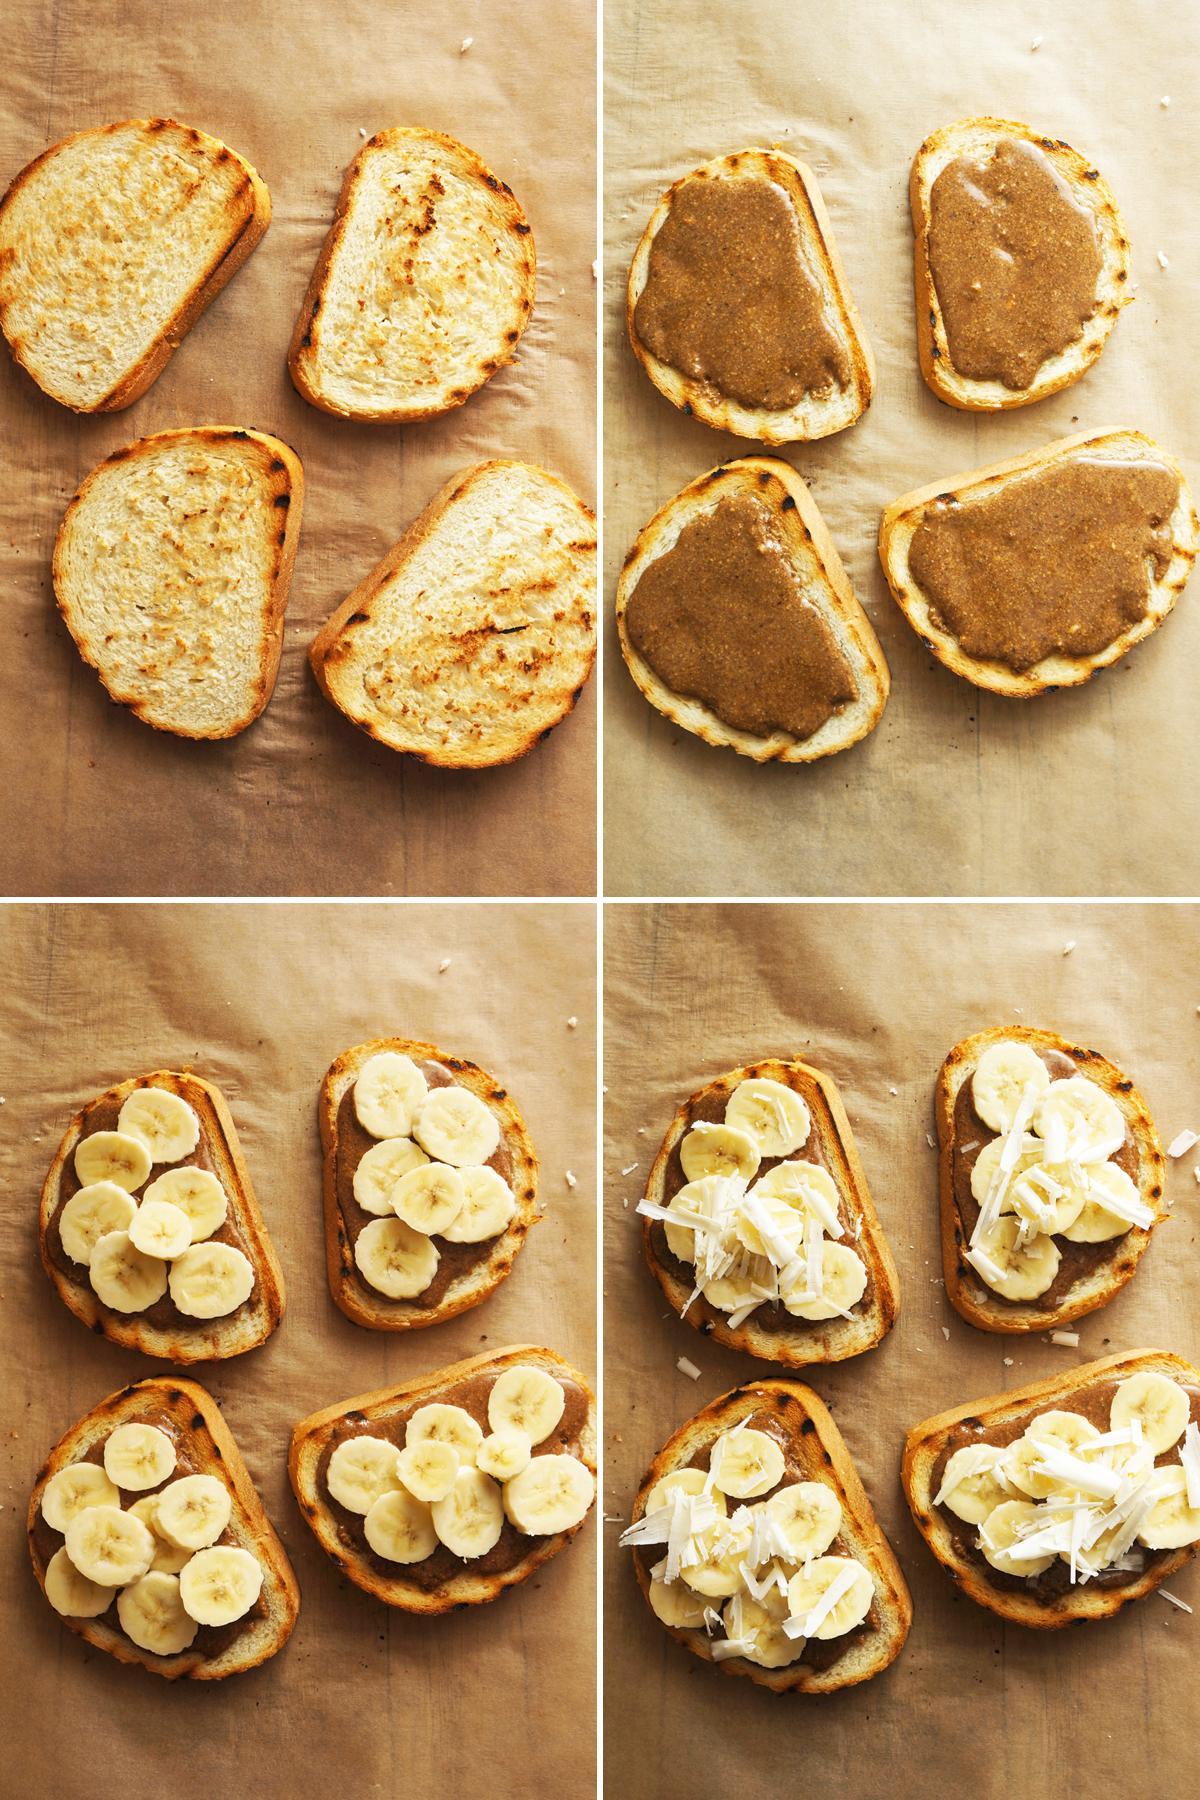 Brusketa s čokoladnim namazom, banano in borovnicami